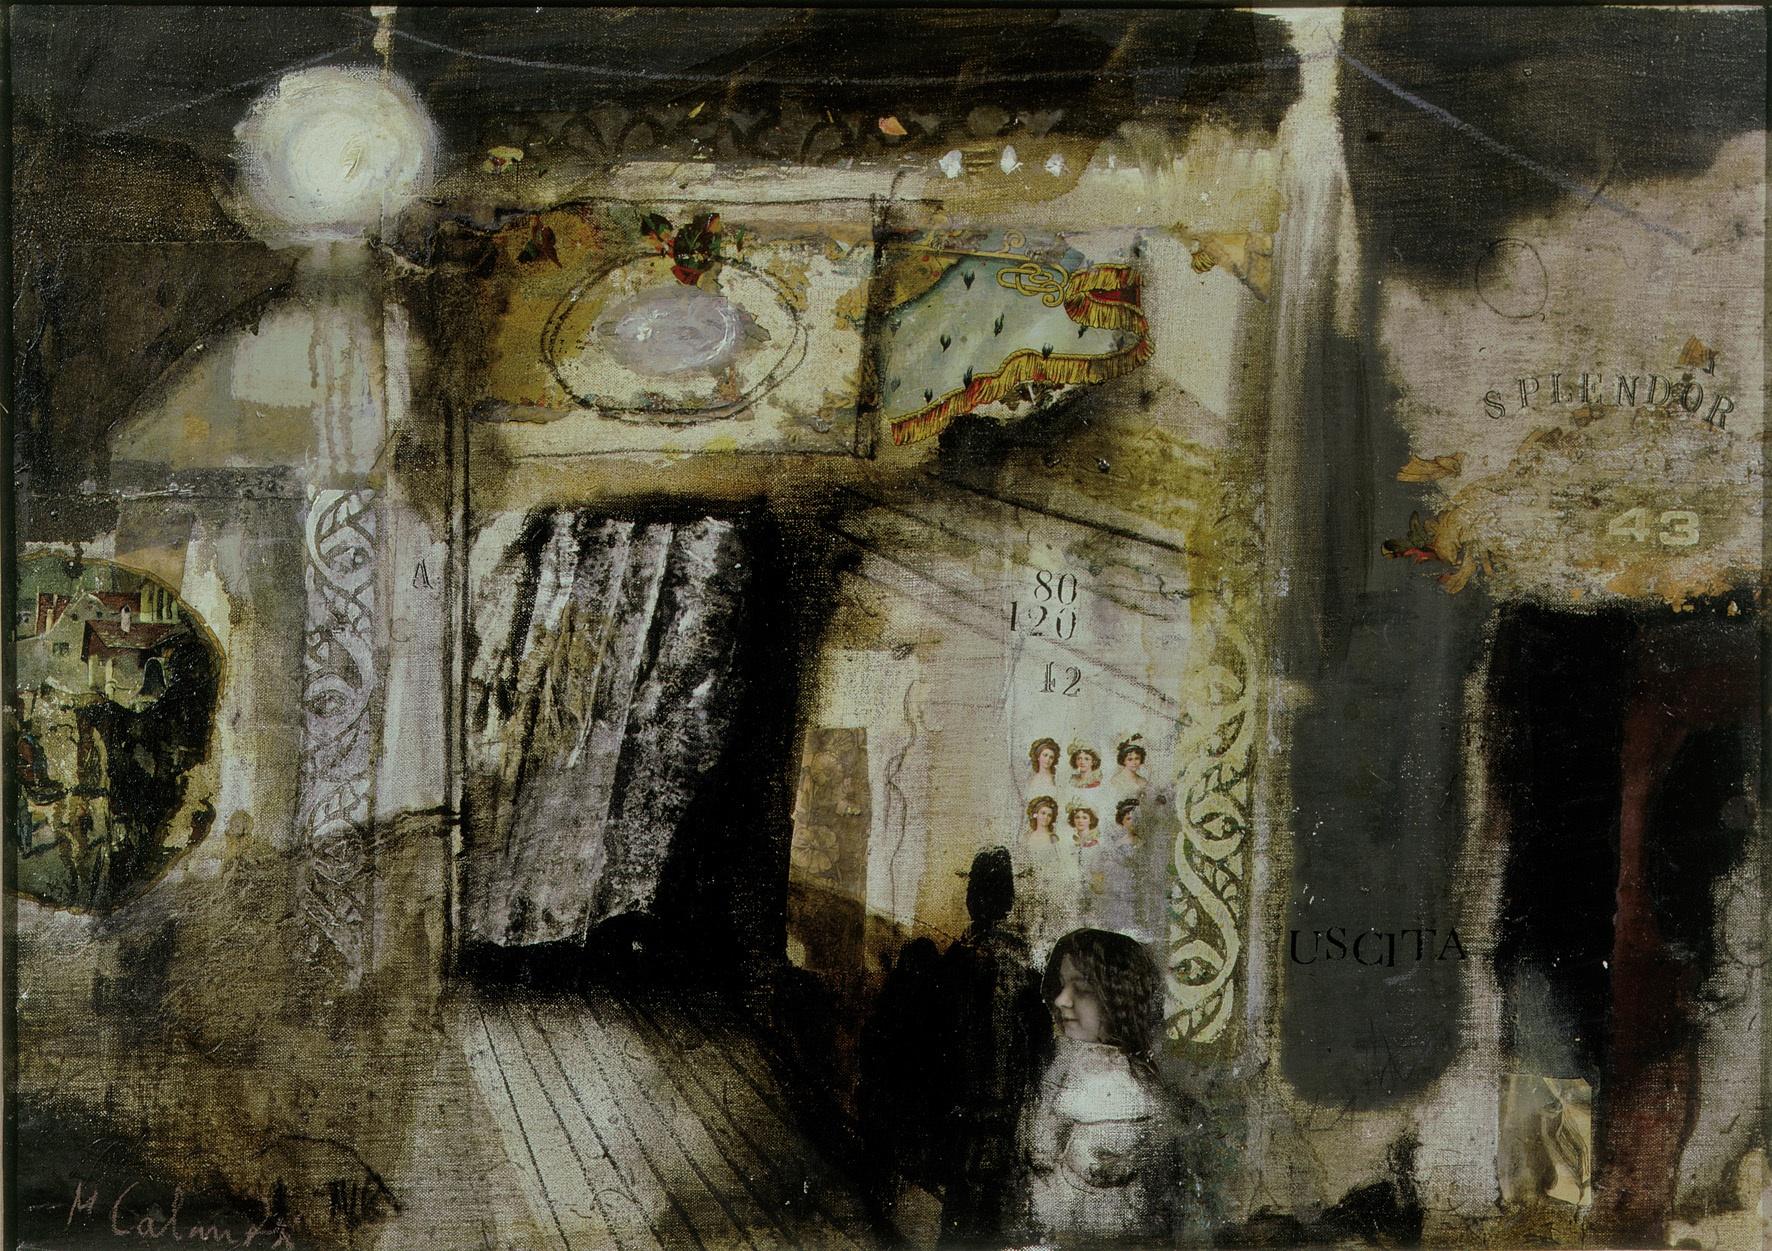 Cine Splendor,1969, tecnica mista su tela